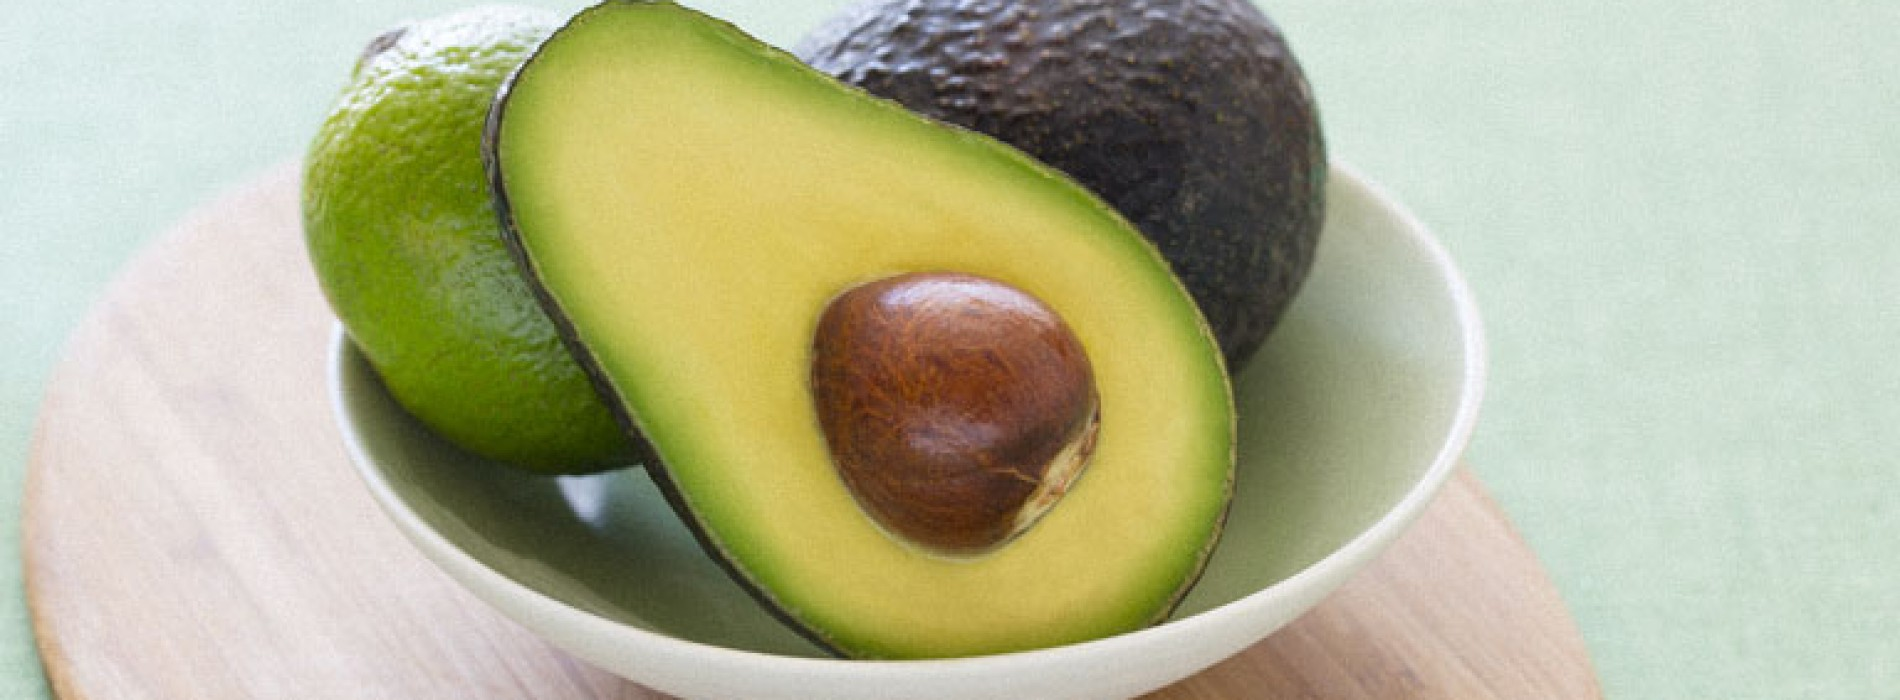 Dit zijn 5 gezondere redenen waarom je meer avocado's zou moeten eten. Wist ik dit maar eerder!